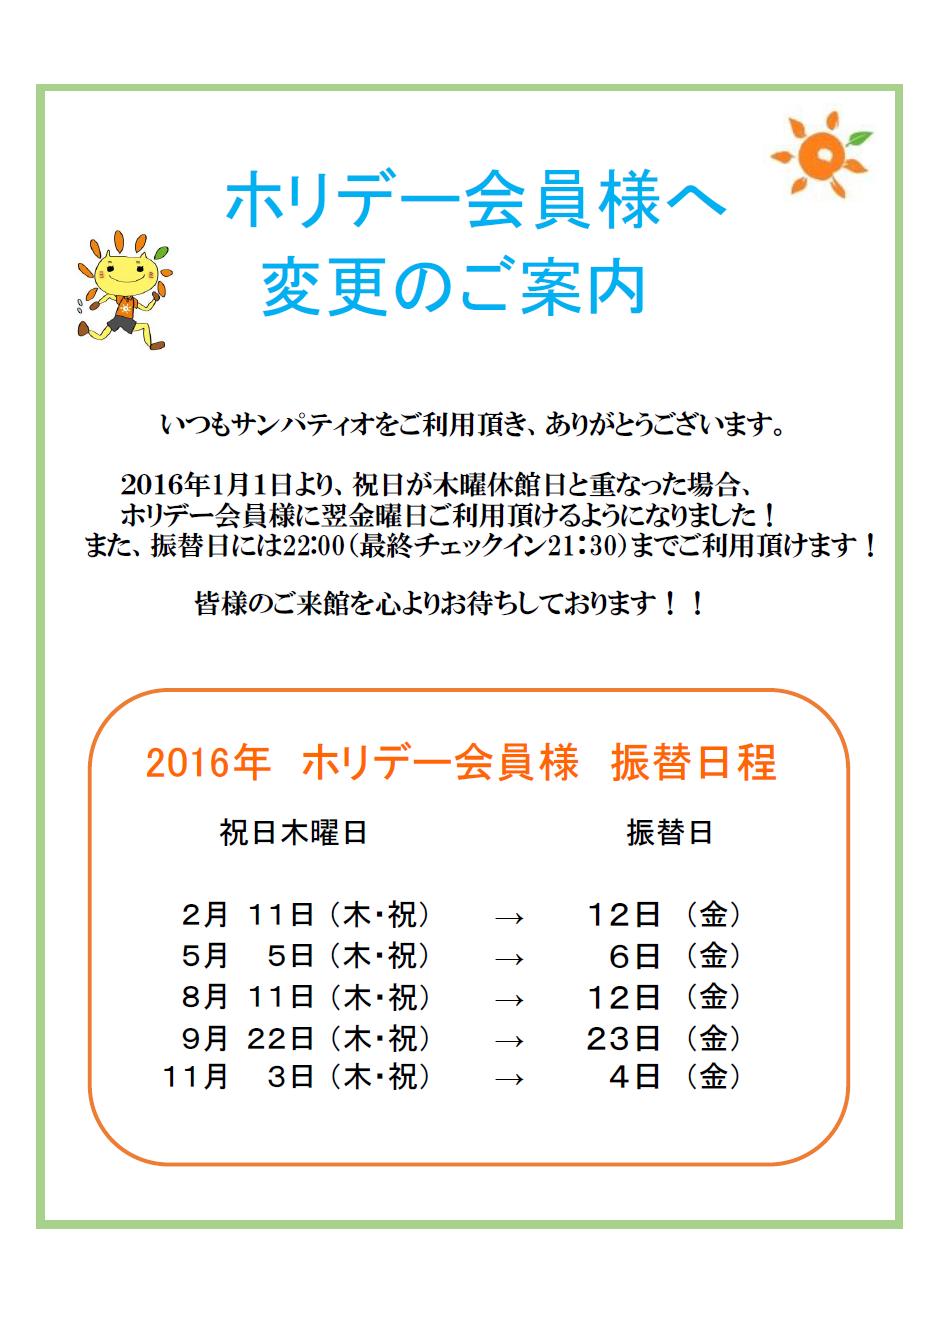 2016ホリデー振替